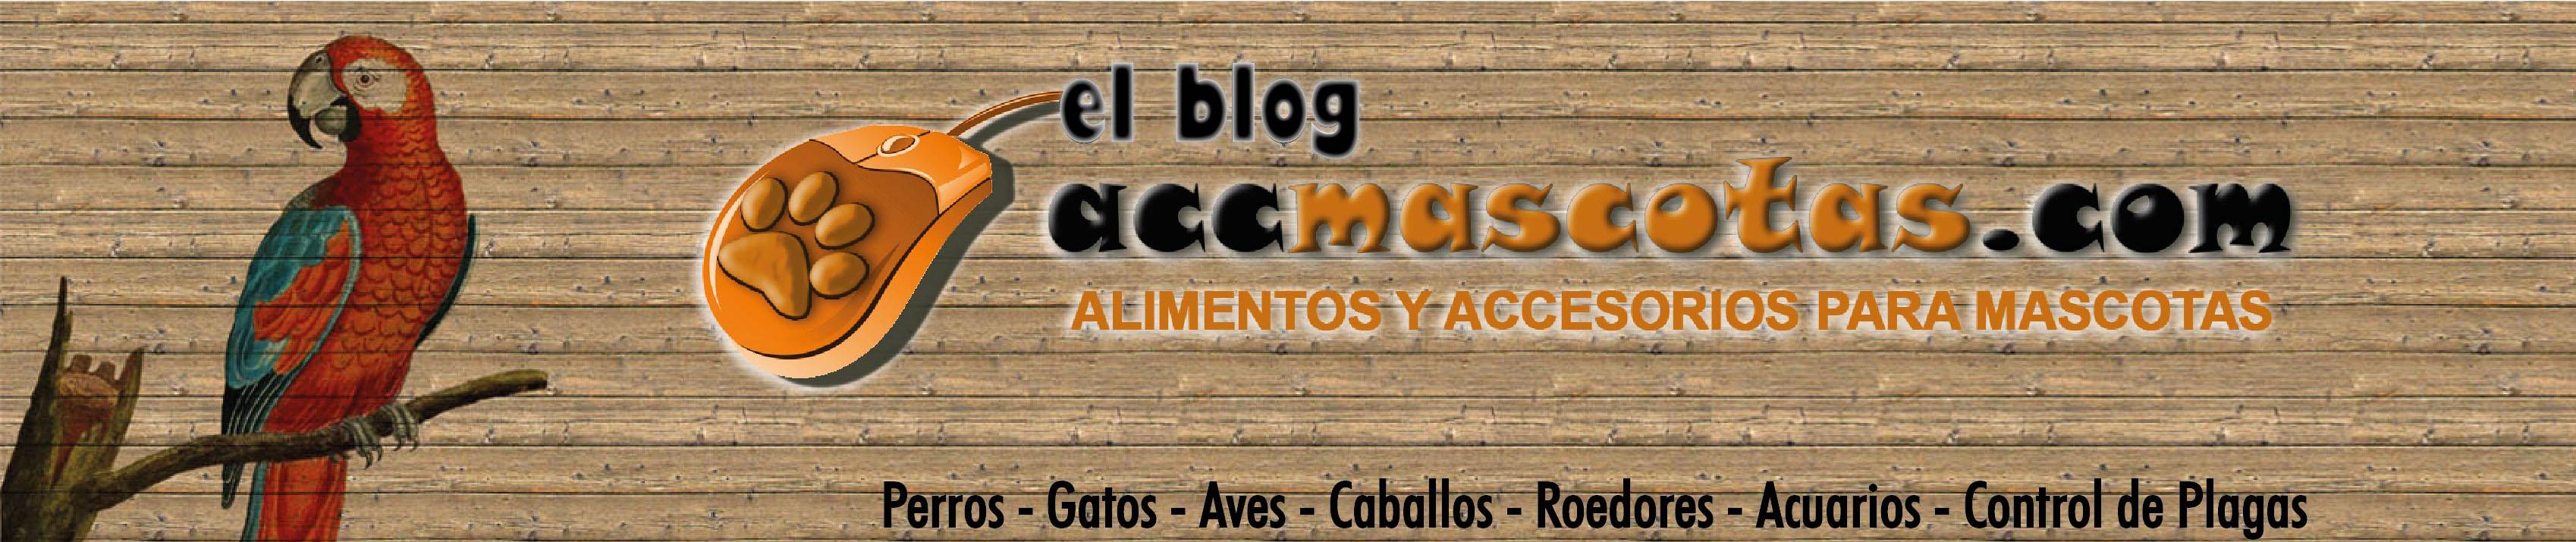 AccMascotas El Blog